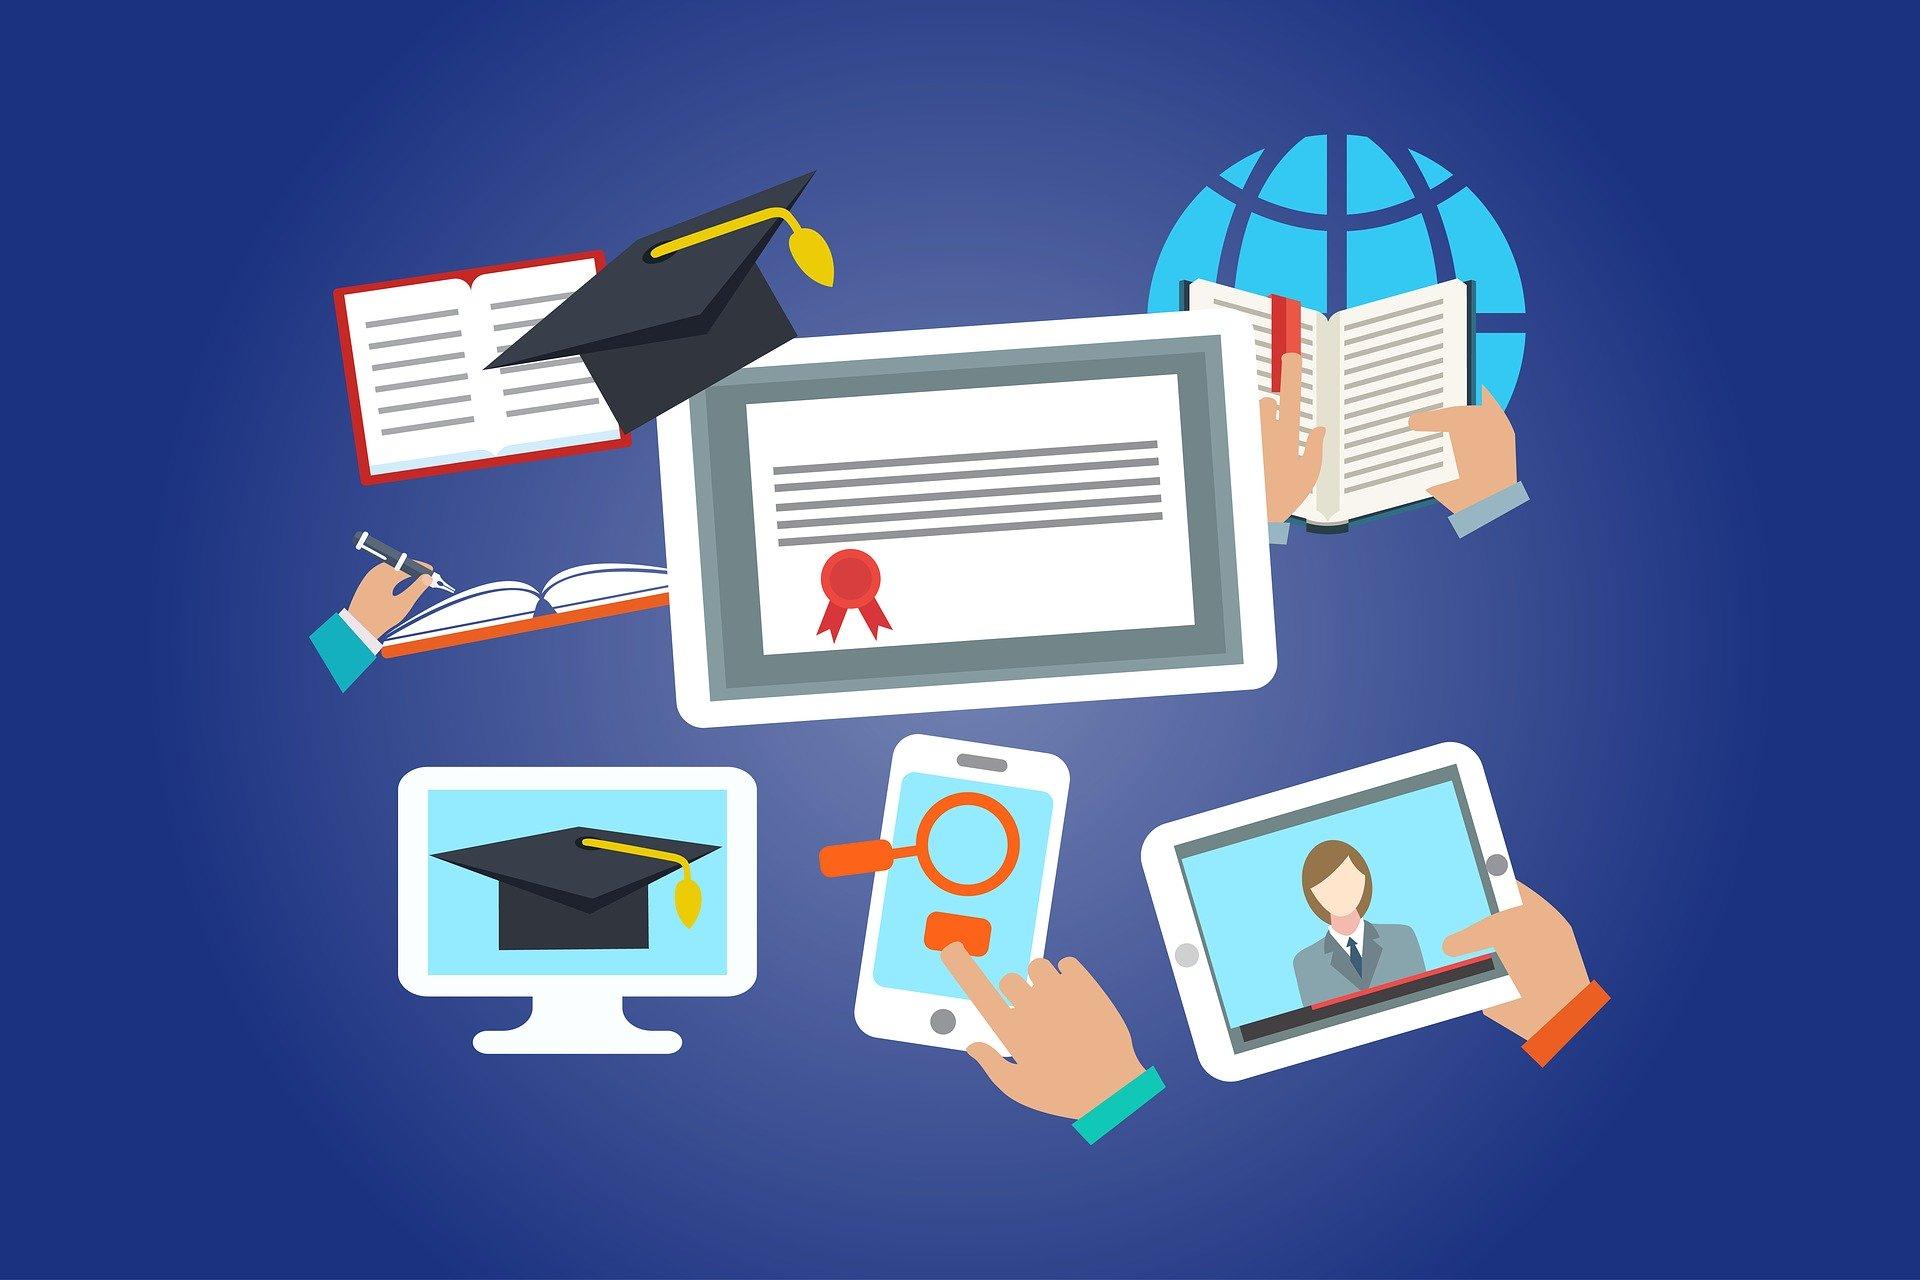 Posodobljen napovednik izobraževanj v okviru ICT Academy